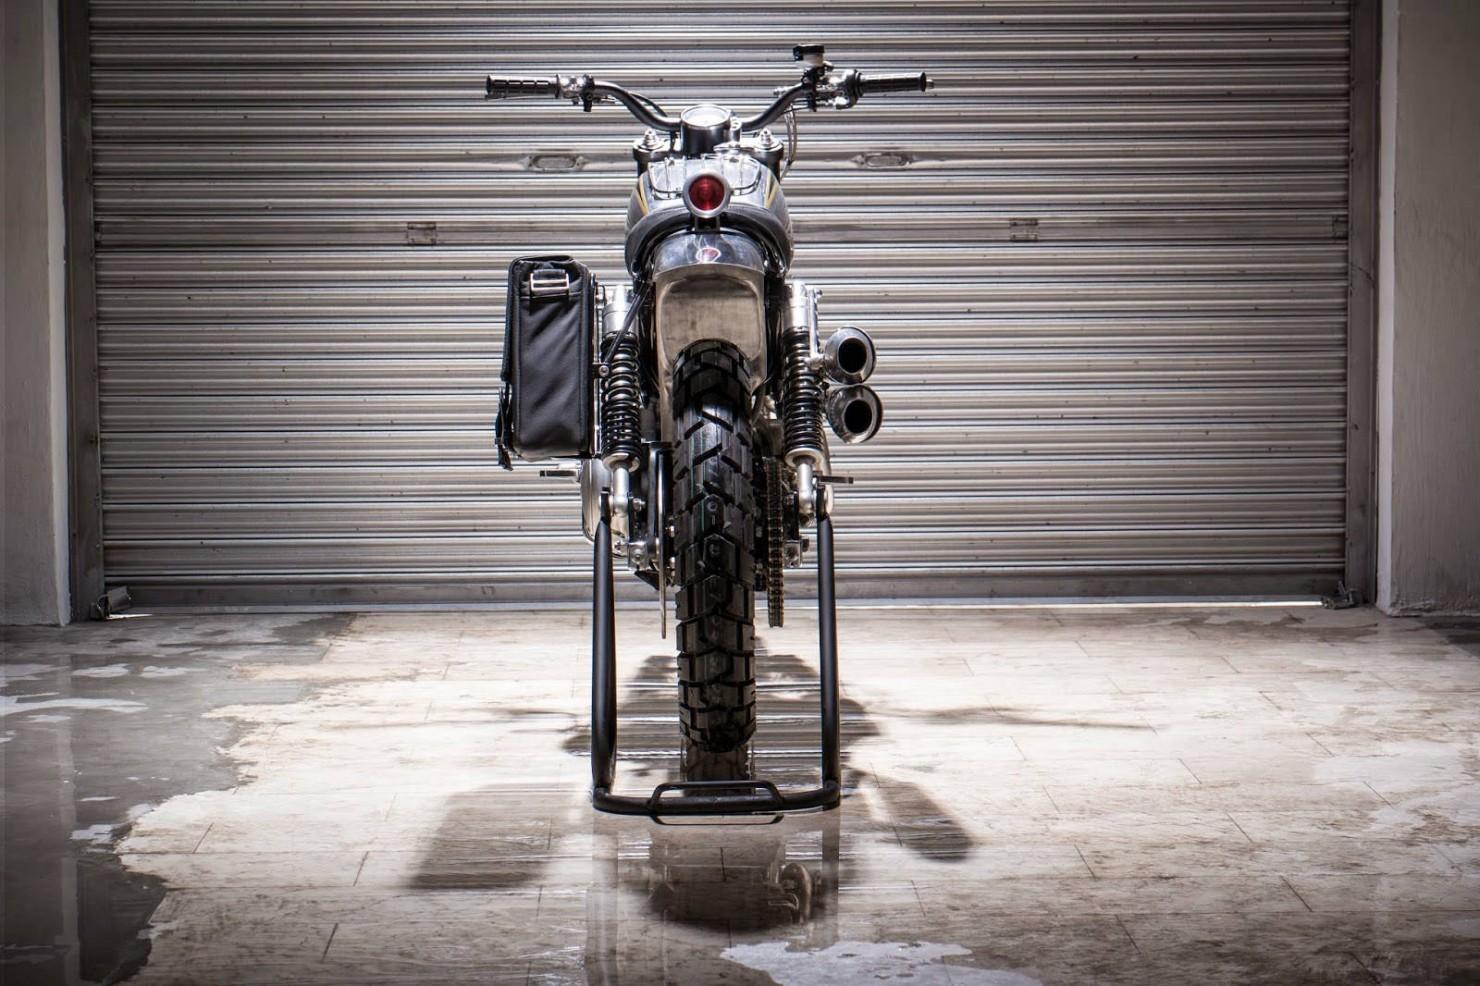 Harley-Davidson-Scrambler-Motorcycle-15